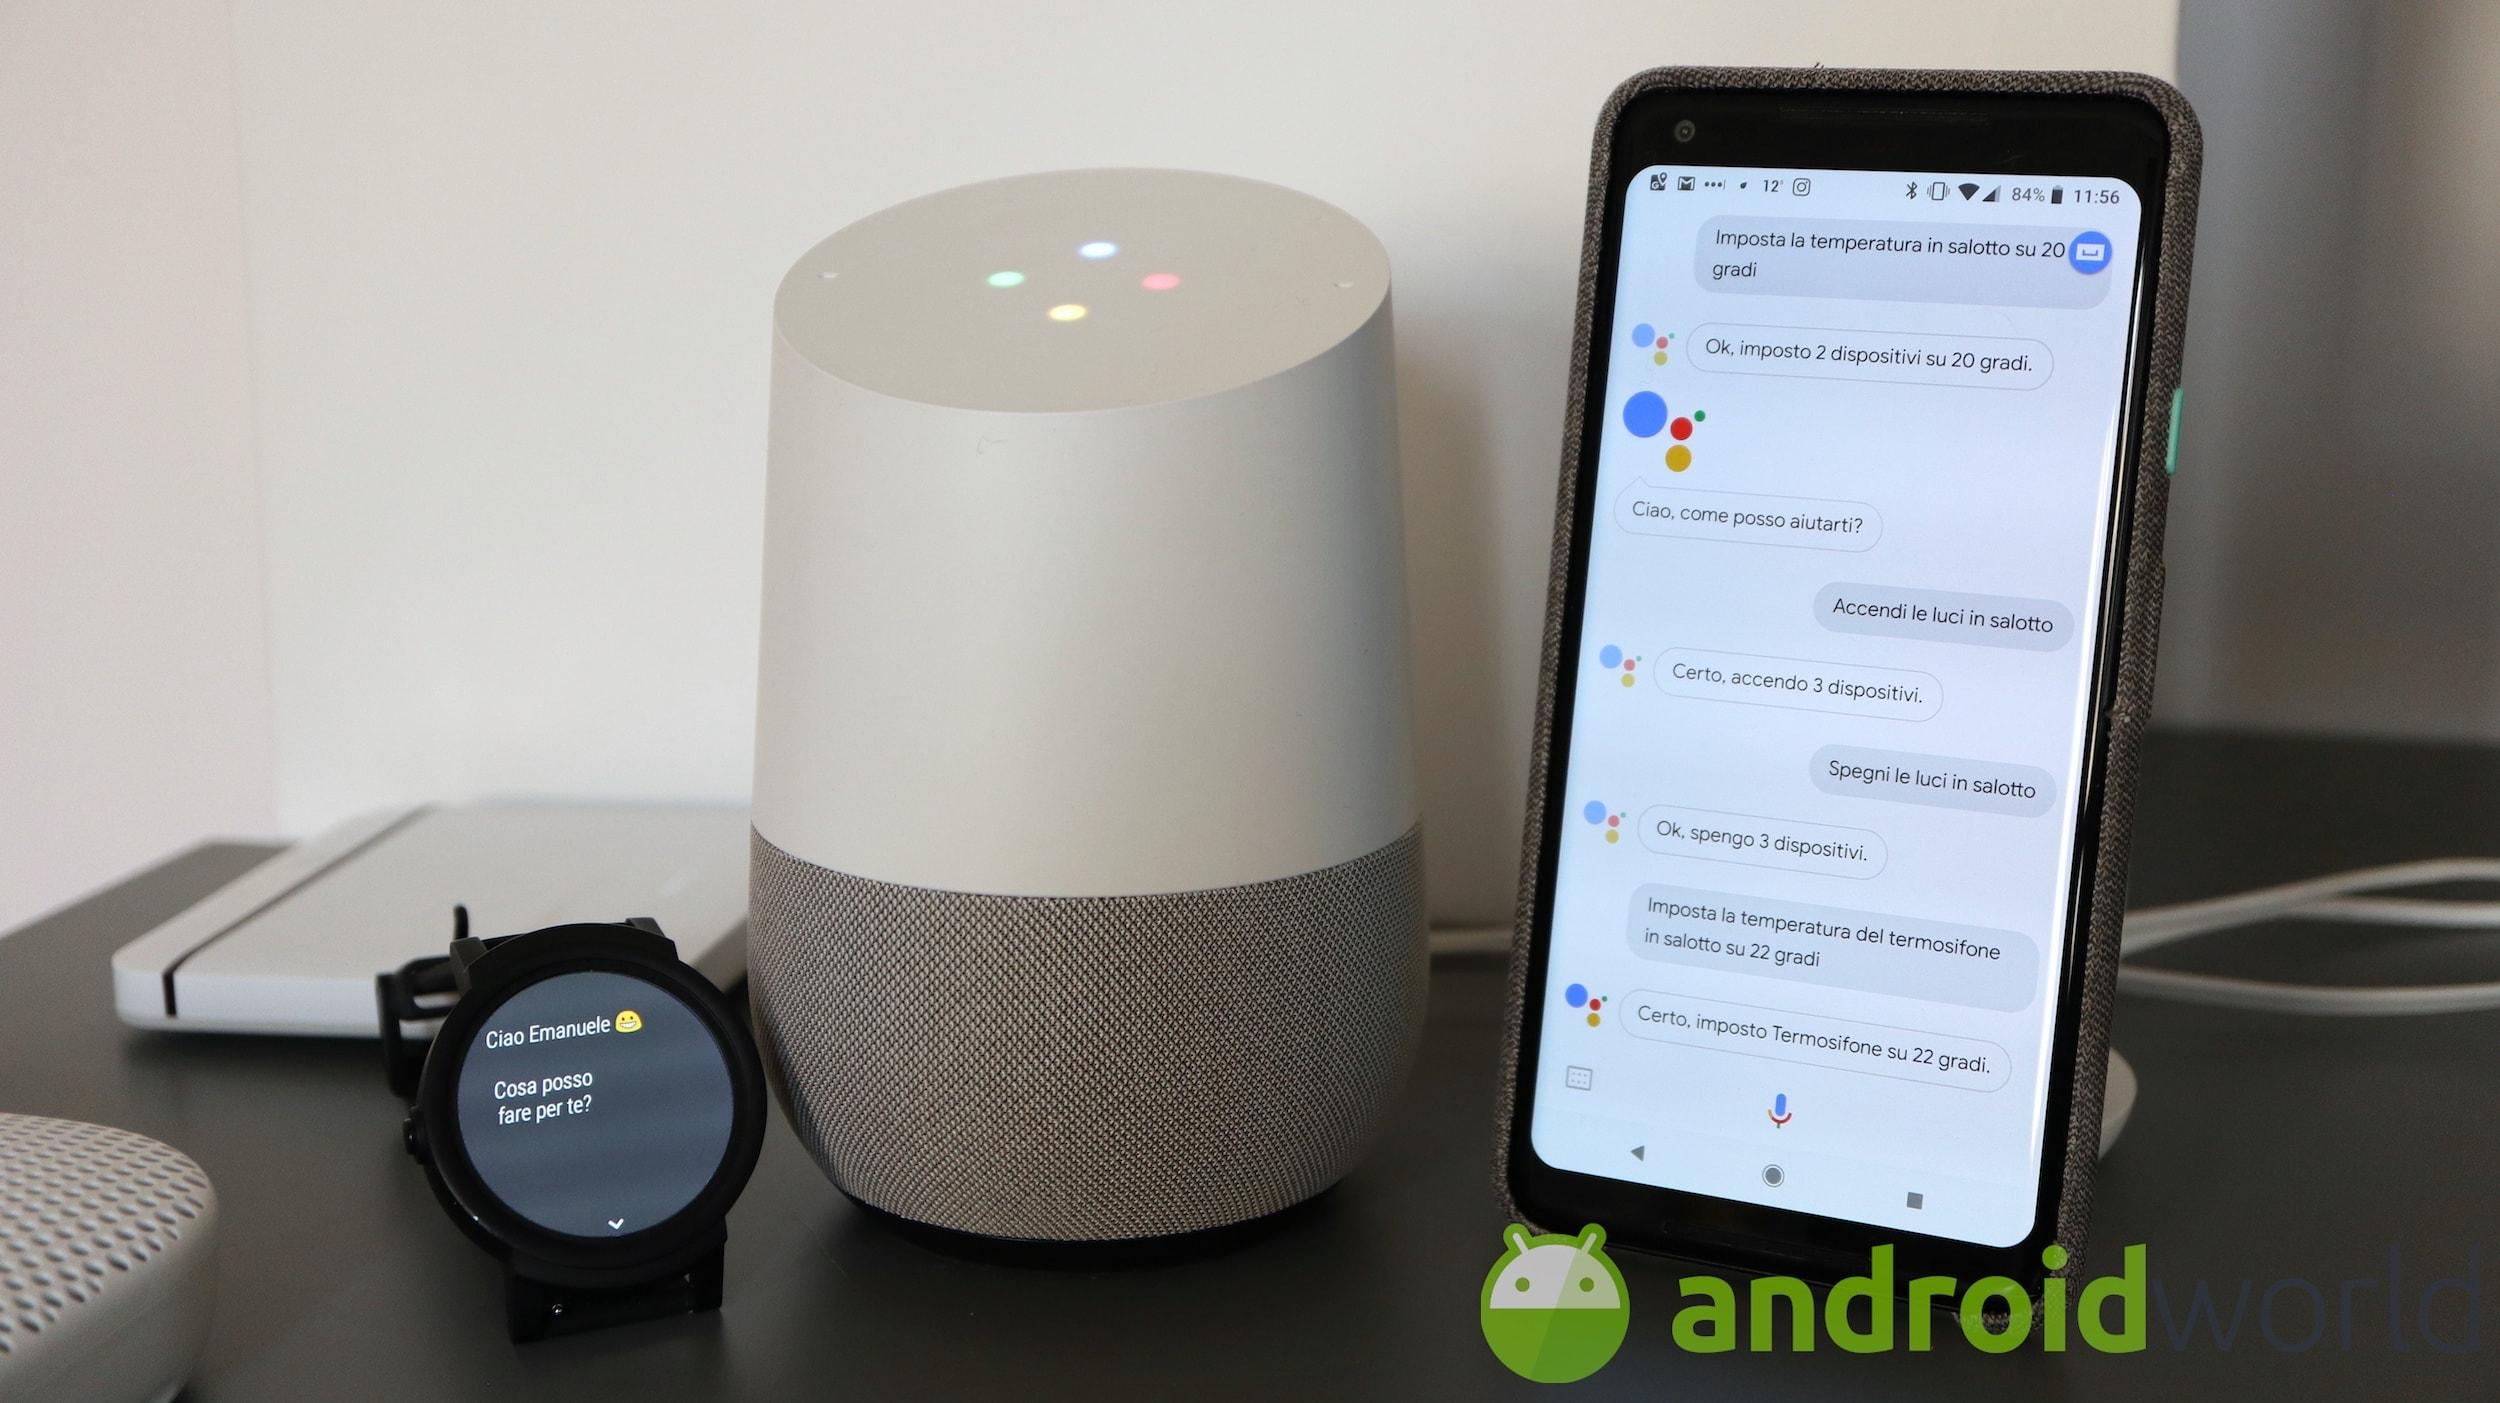 Google assistant in italiano controlla luci e domotica androidworld for Google assistant italia